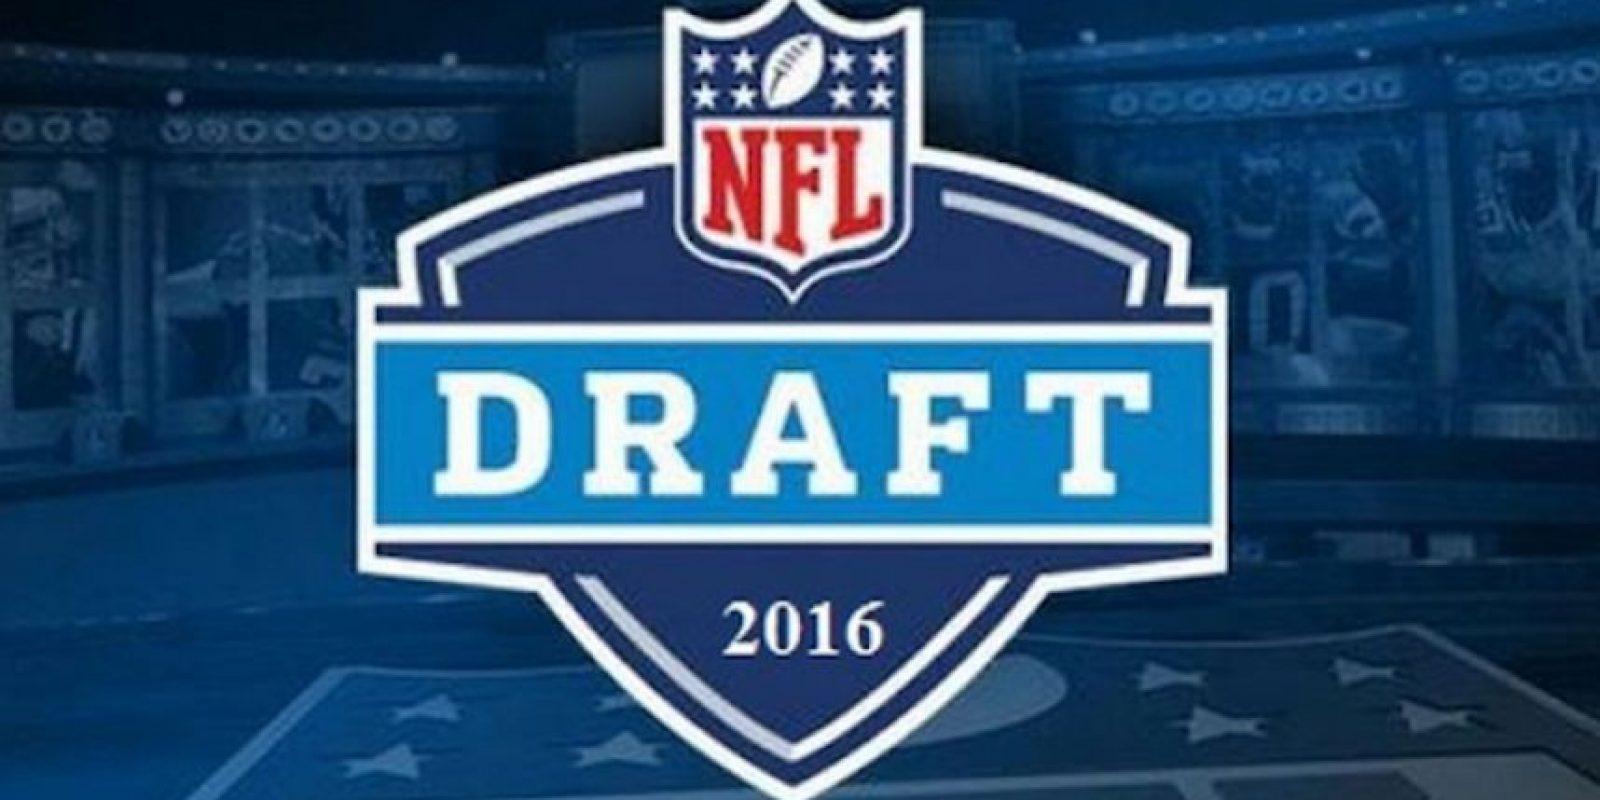 El Draft 2016 arranca este jueves 28 de abril. Foto:Twitter: @NFL